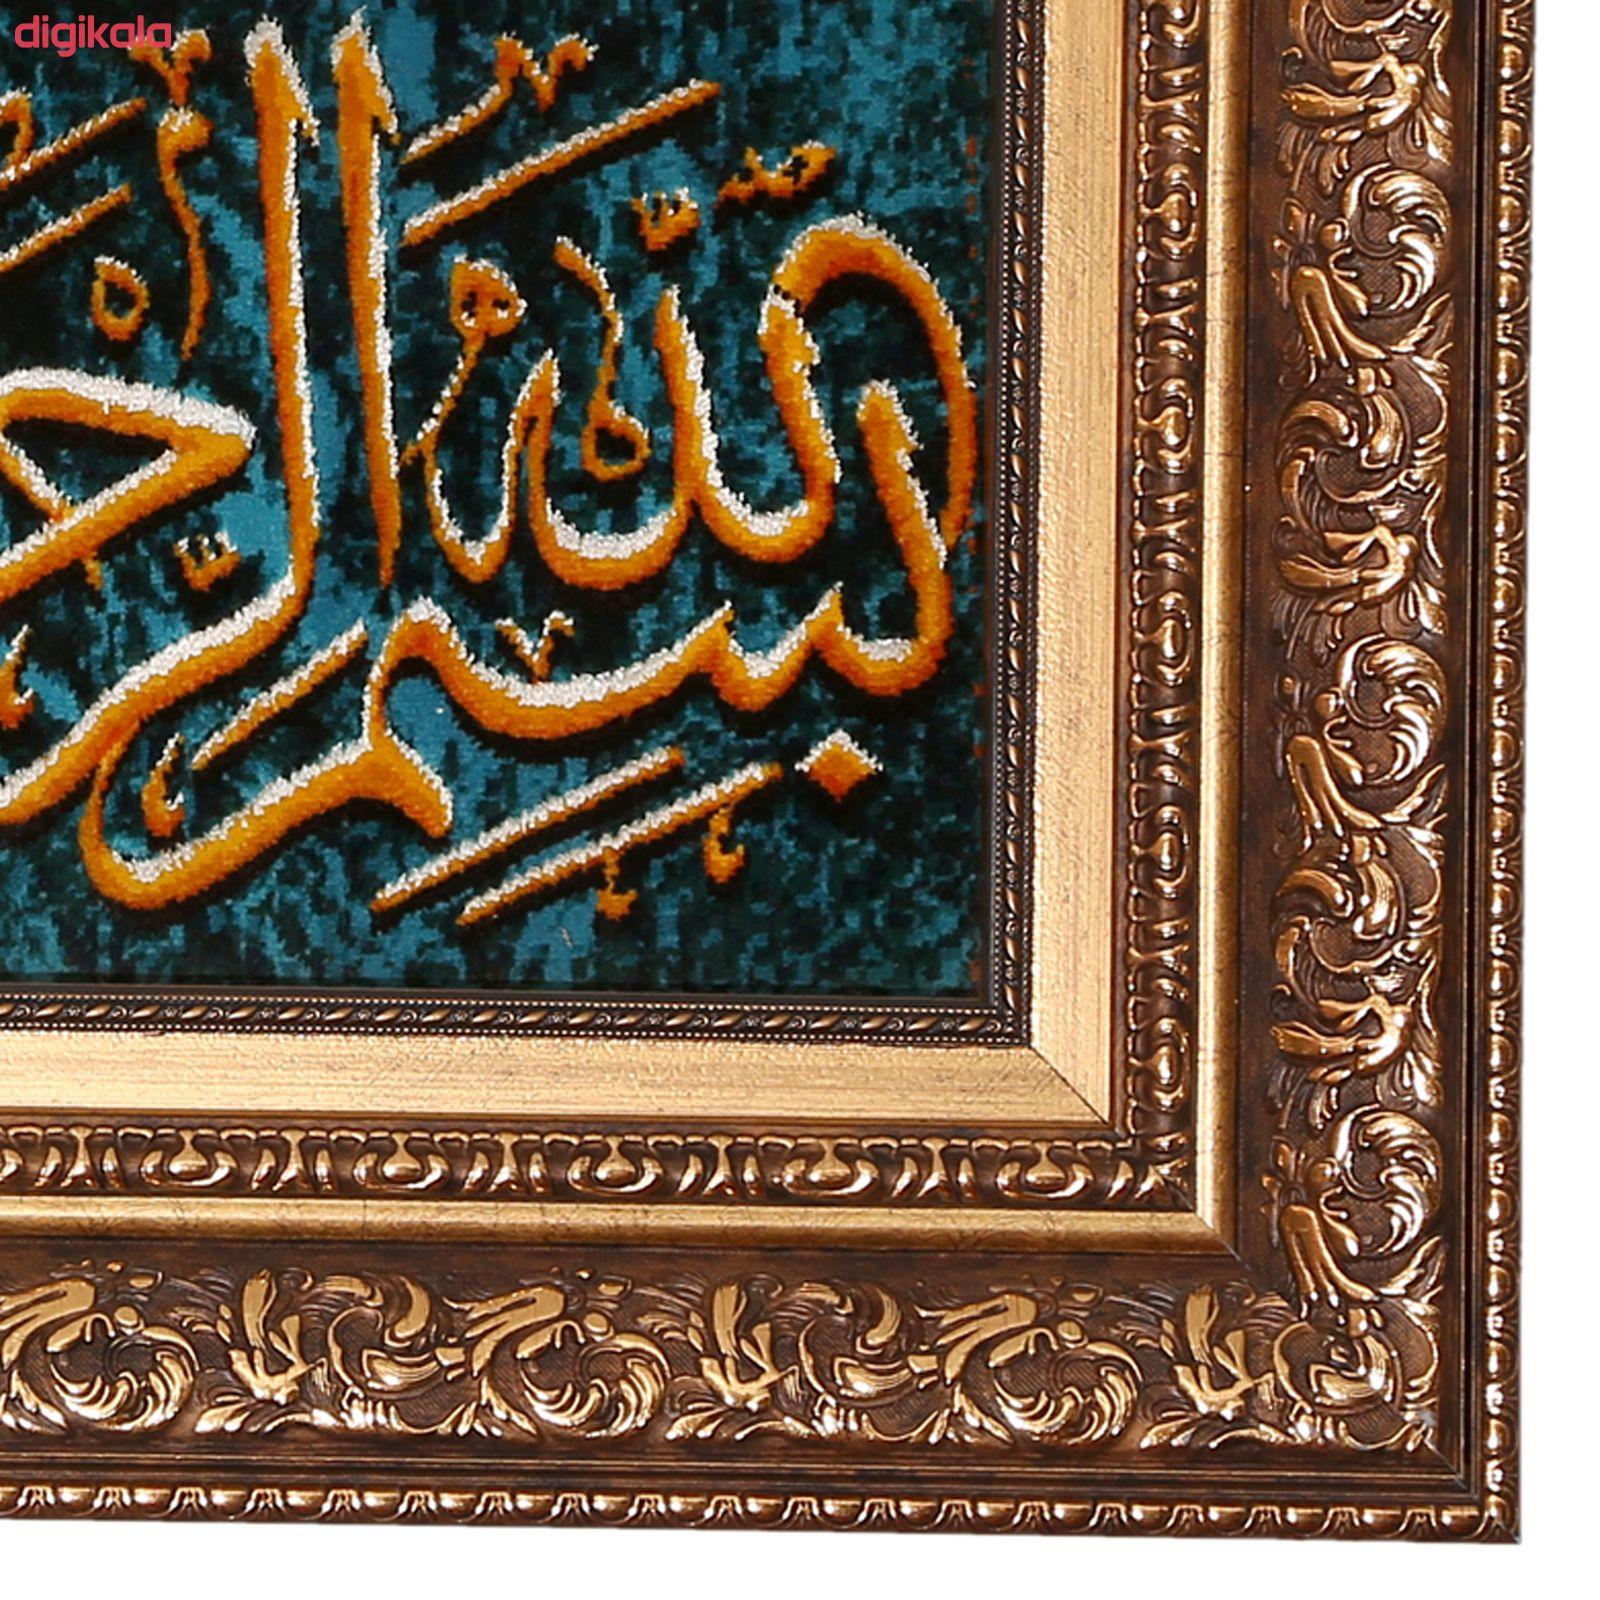 تابلو فرش دستباف طرح بسم الله الرحمن الرحیم کد 9045